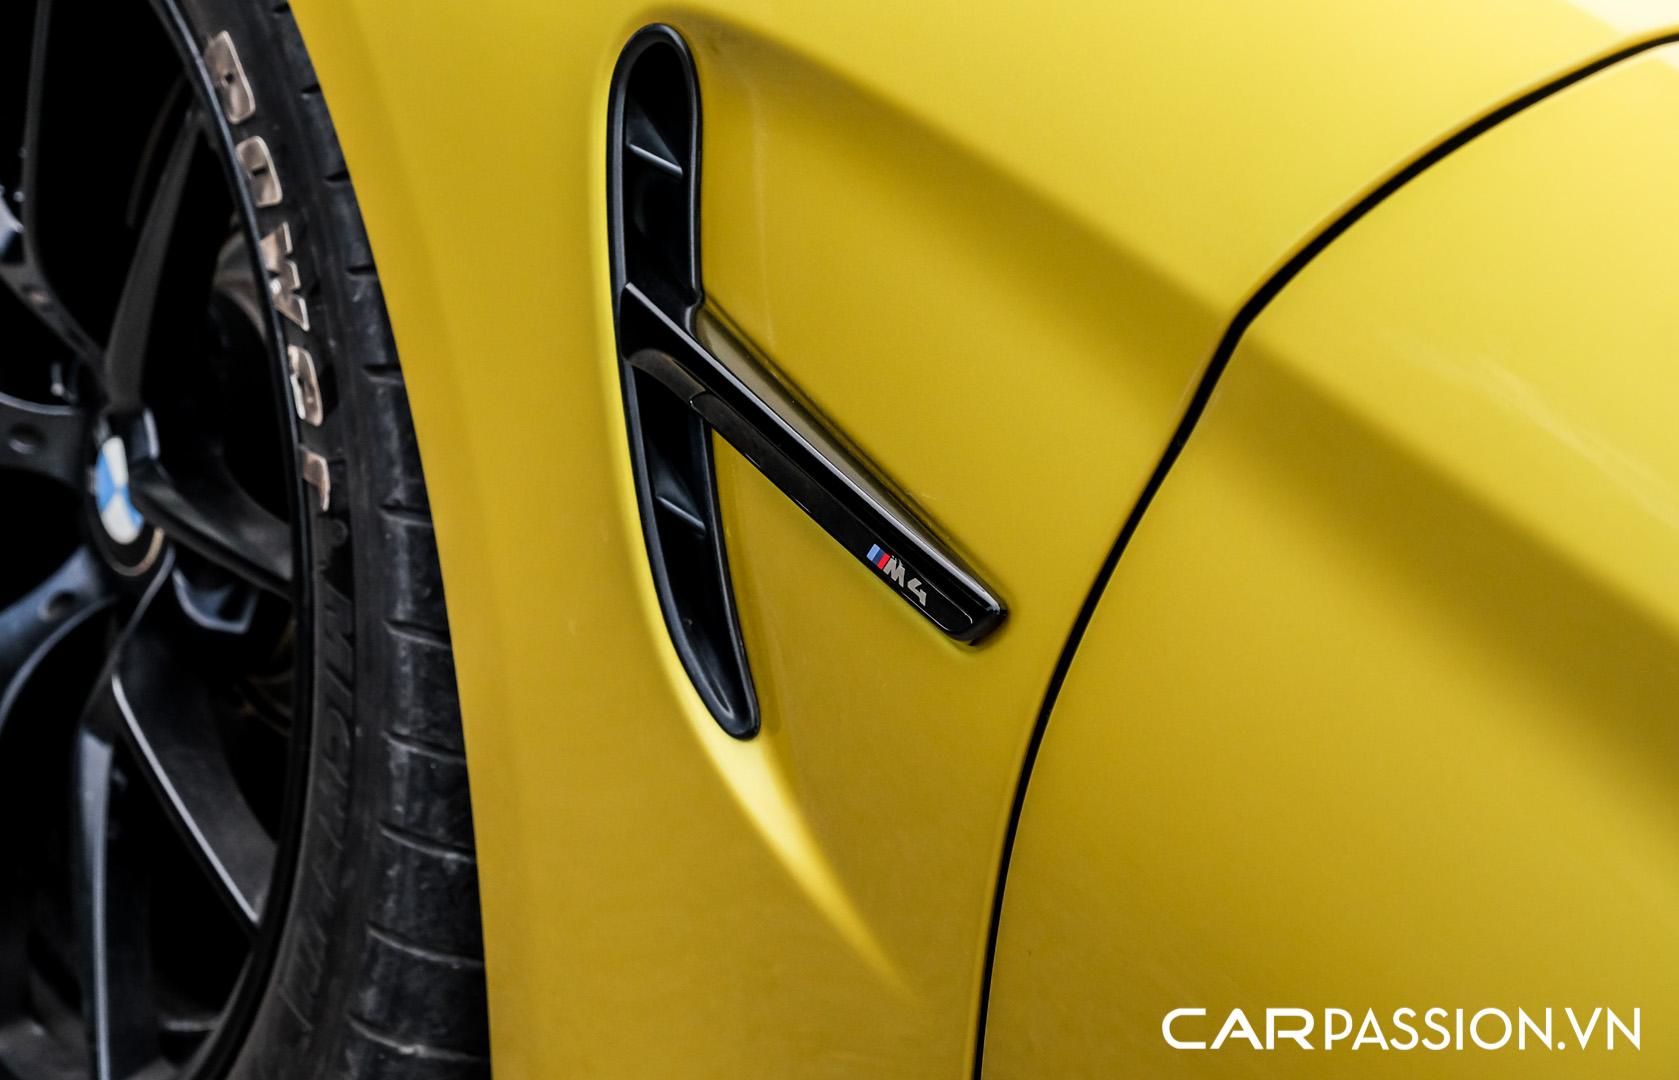 CP-BMW M4 F8 được rao bán (27).jpg